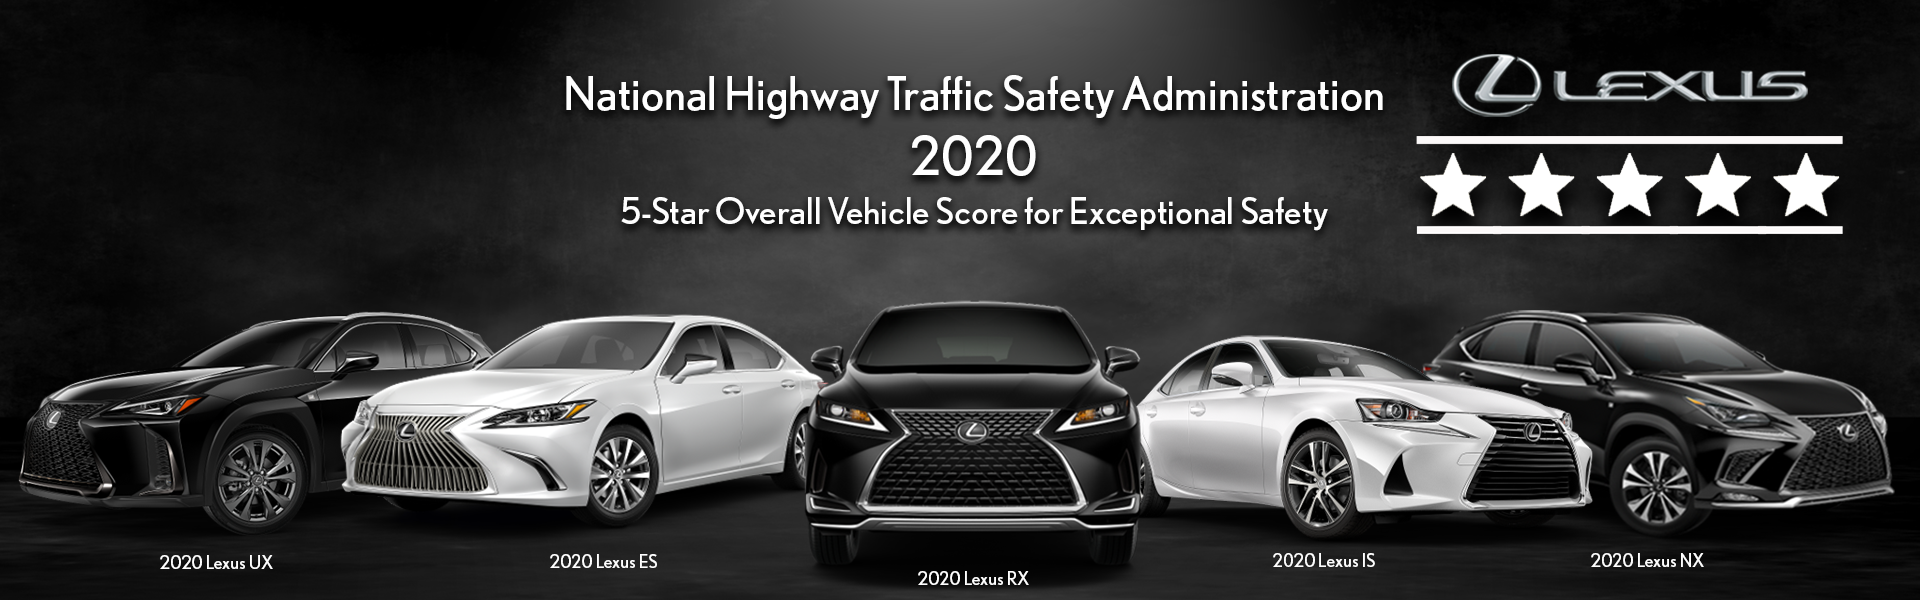 Lexus Five Star Safety Award